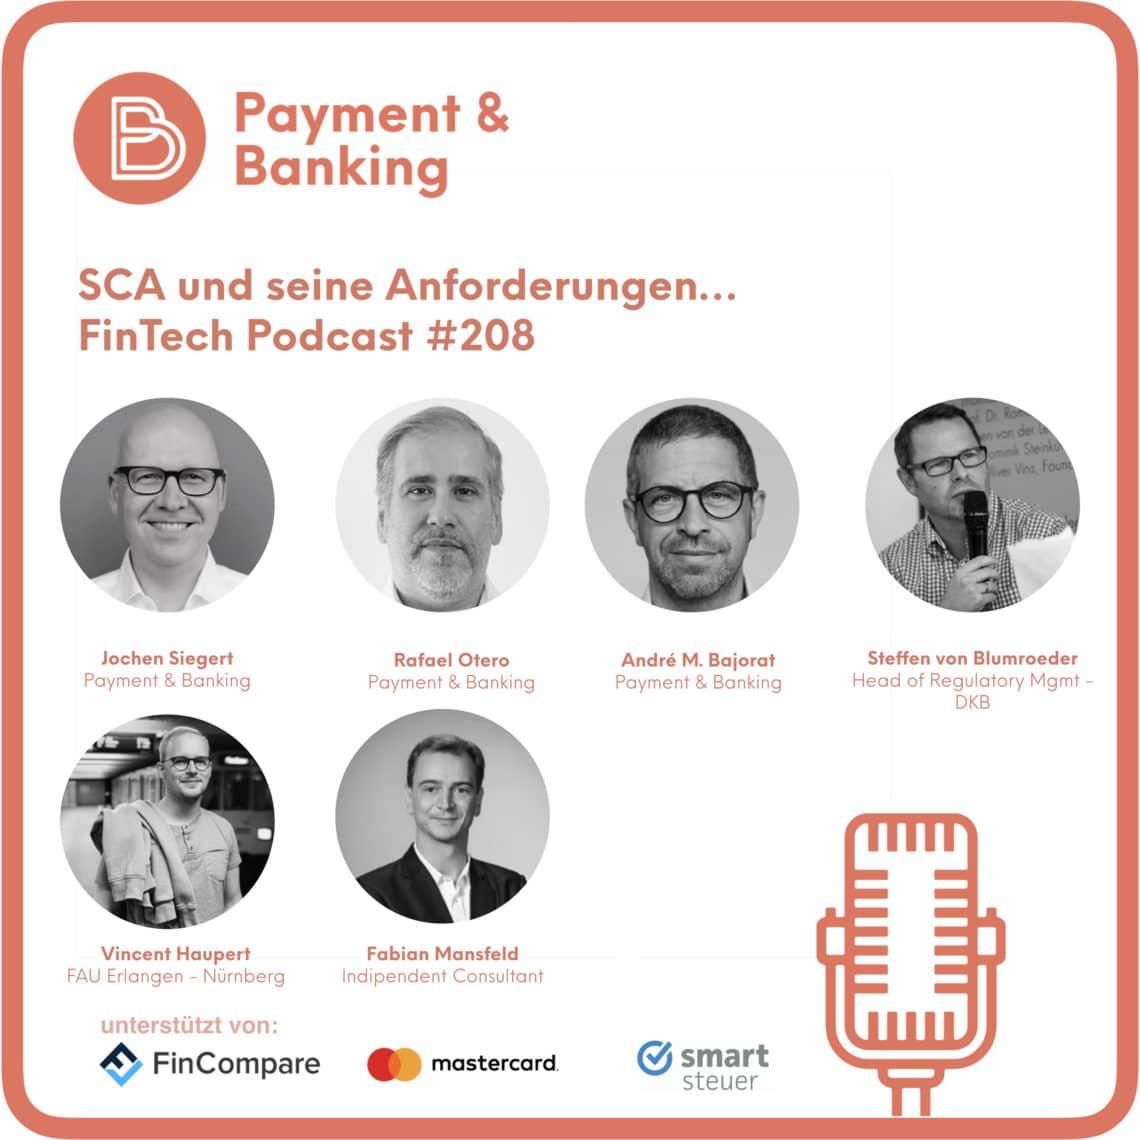 SCA und seine Anforderungen - FinTech Podcast #208